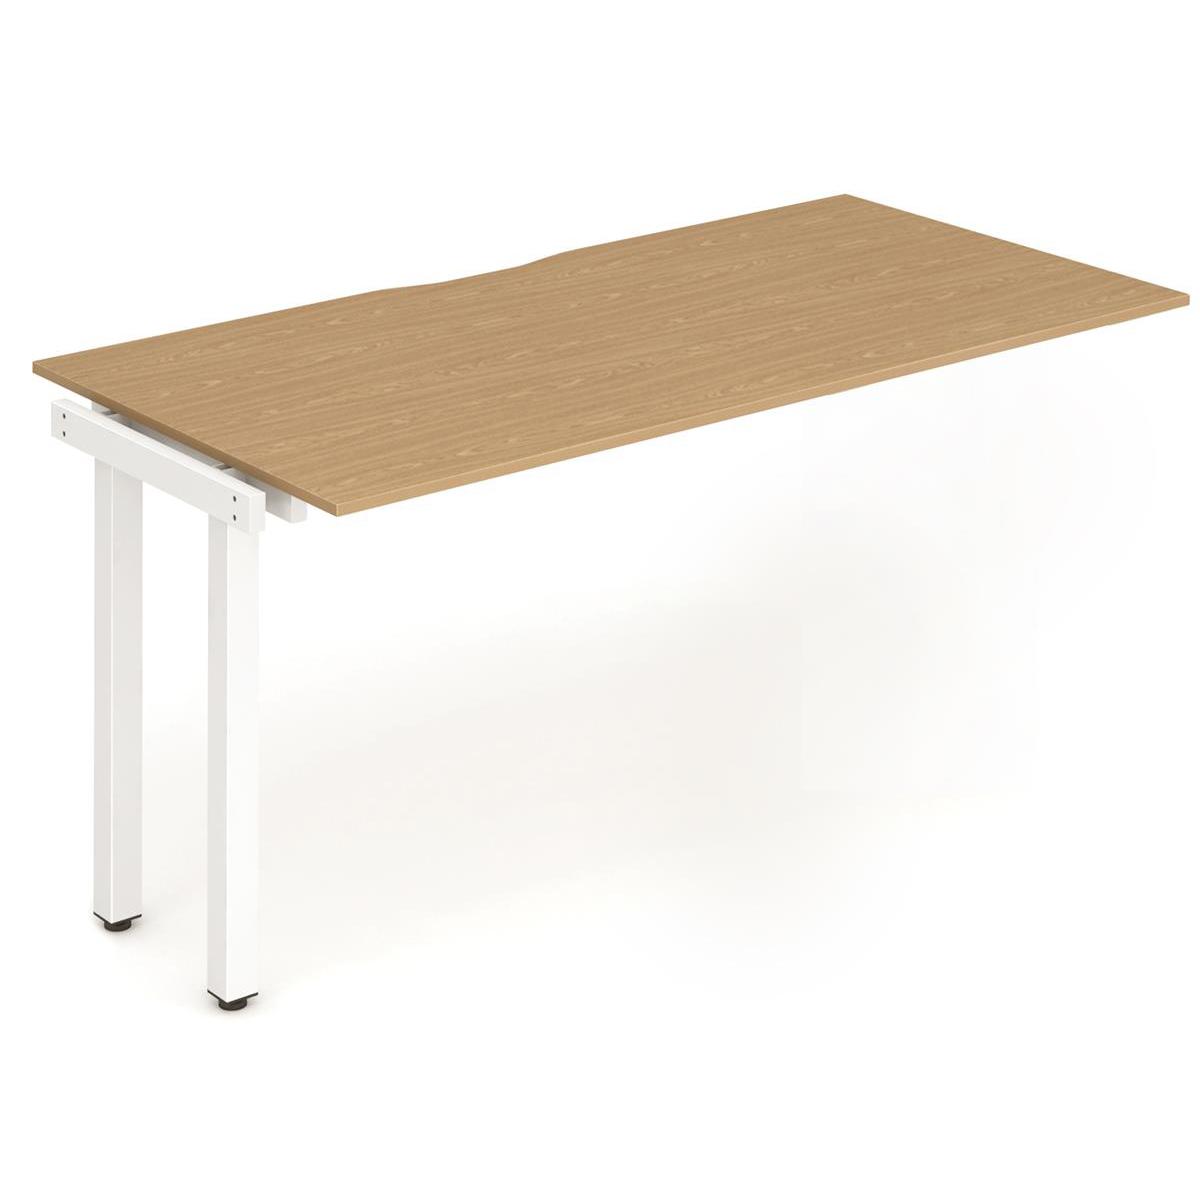 Trexus Bench Desk Single Extension White Leg 1200x800mm Oak Ref BE318